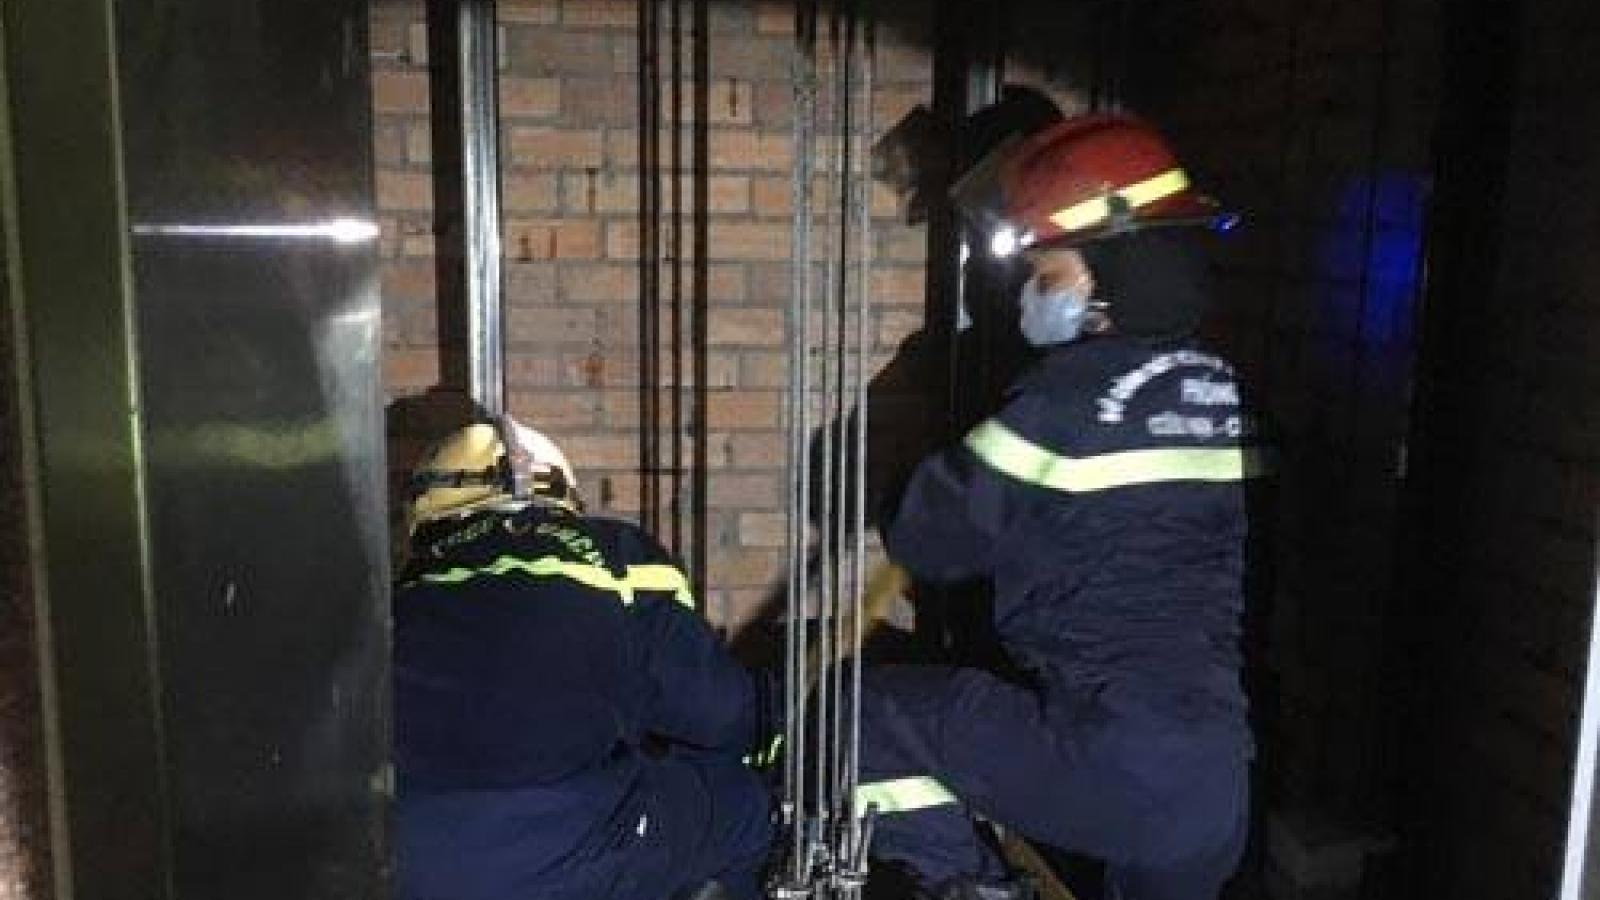 Phát hiệnnhân viên sửa chữatửvongtrên nóc thang máy